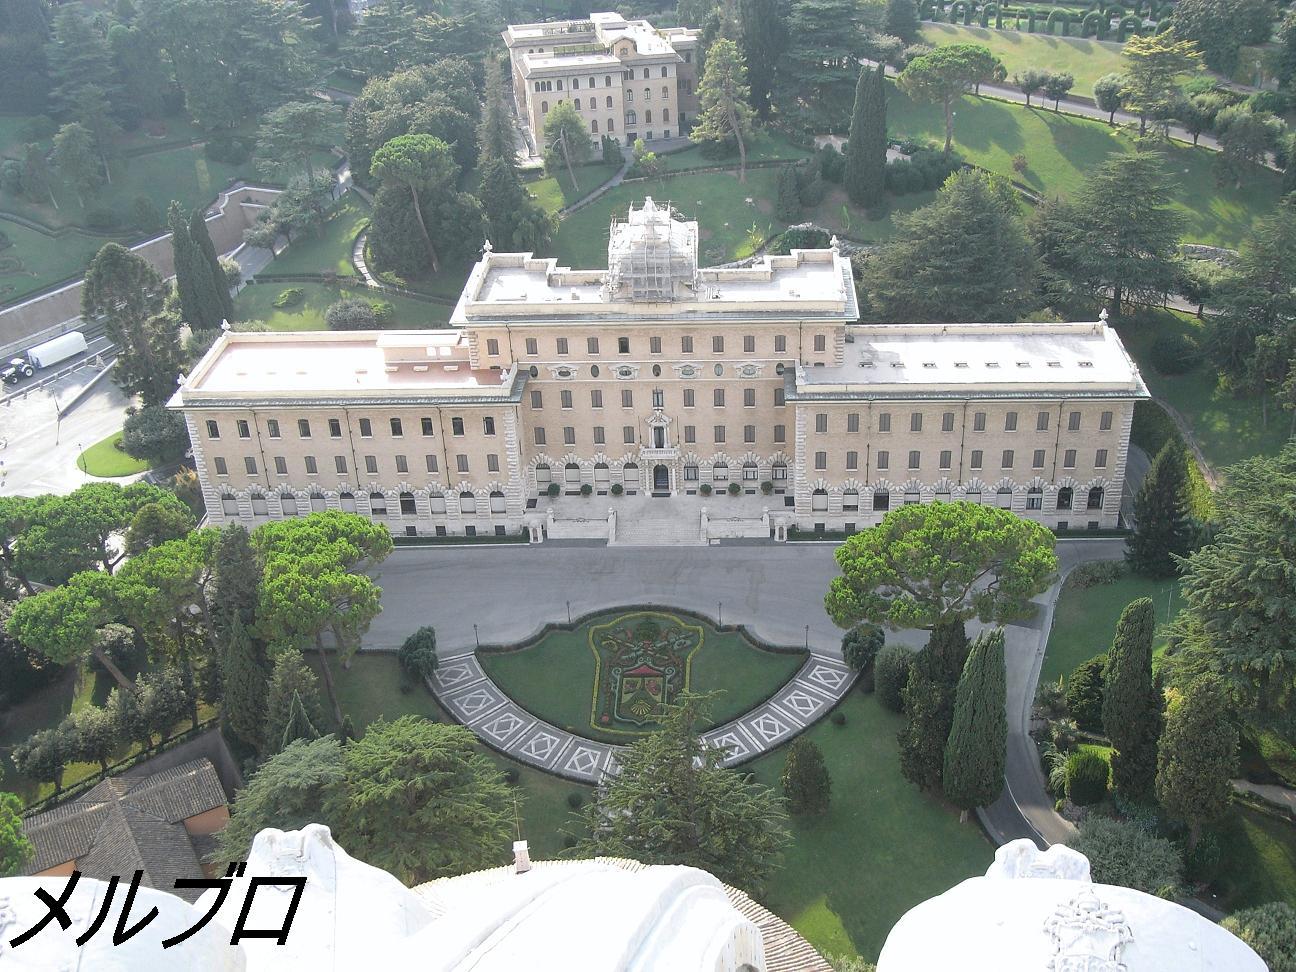 ヴァチカンの庭